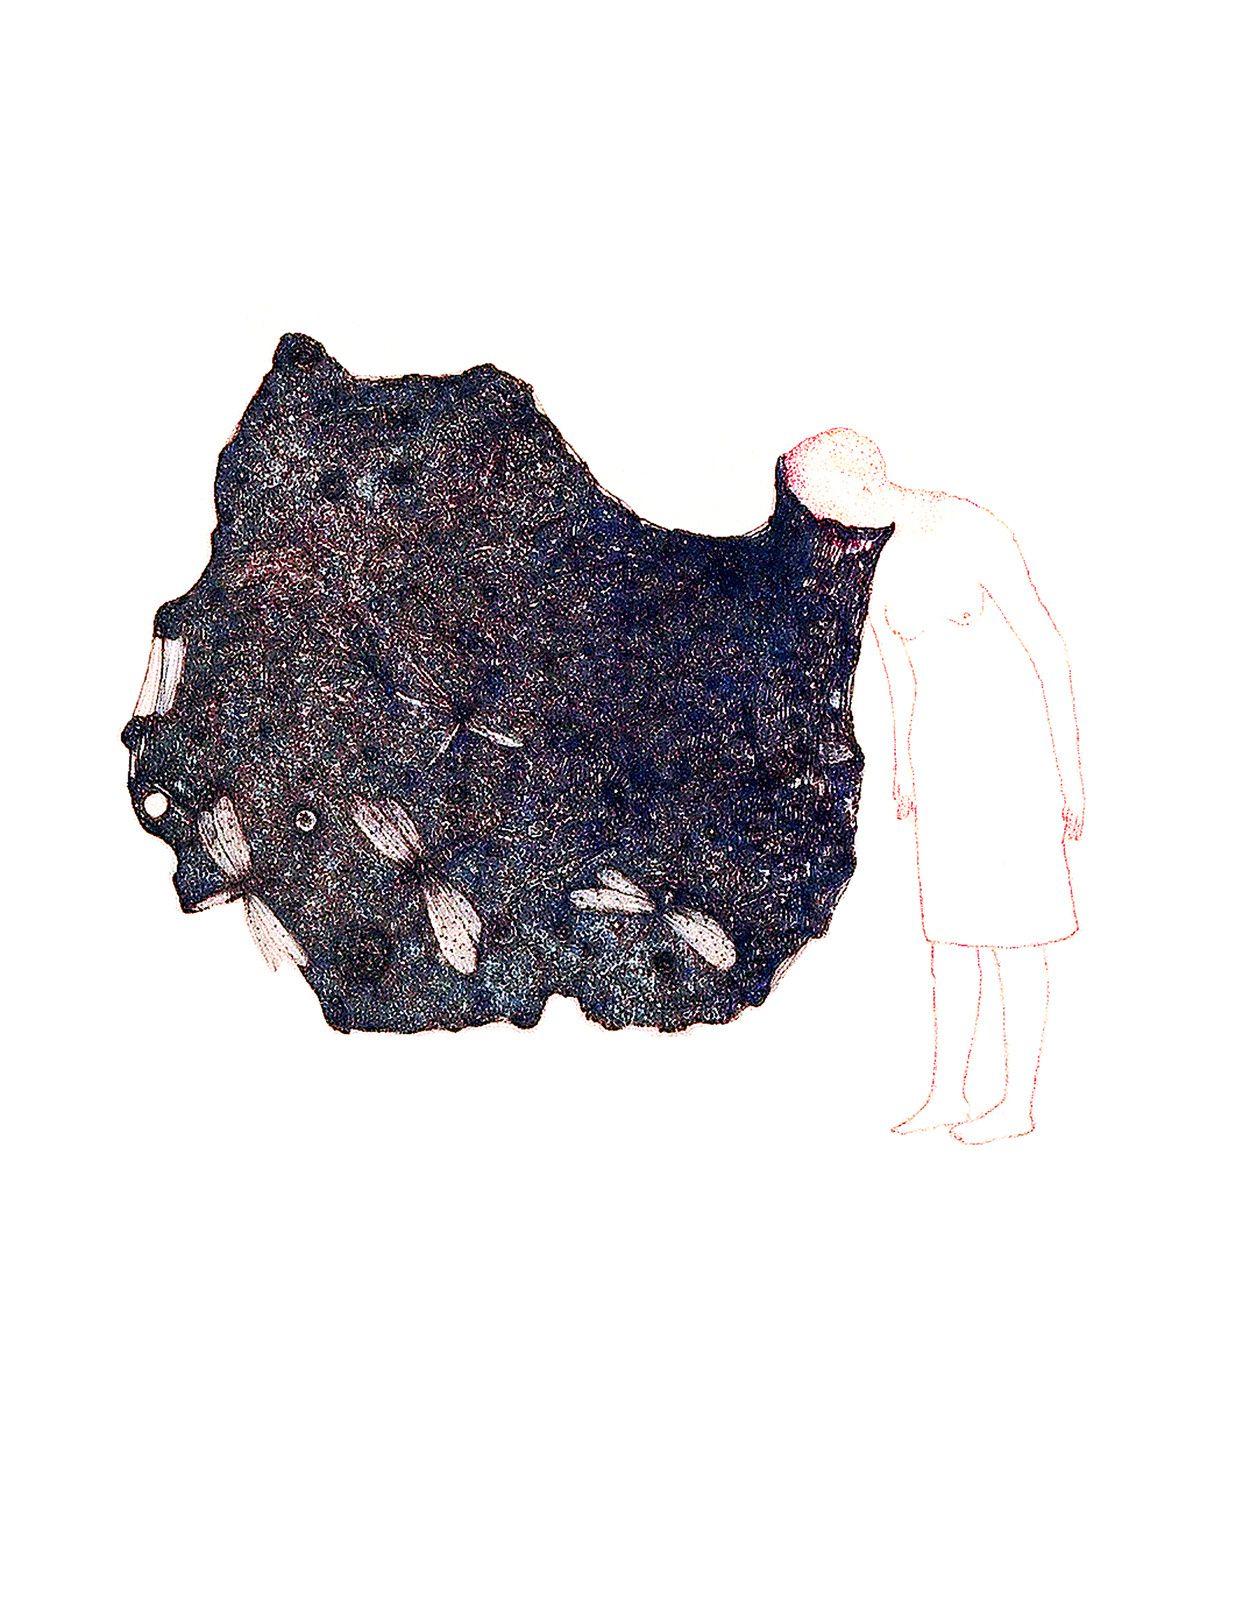 Dessins de mémoire - un désir sous l'image, exposition de Nathalie Tacheau : une oeuvre entre rêverie et souvenirs